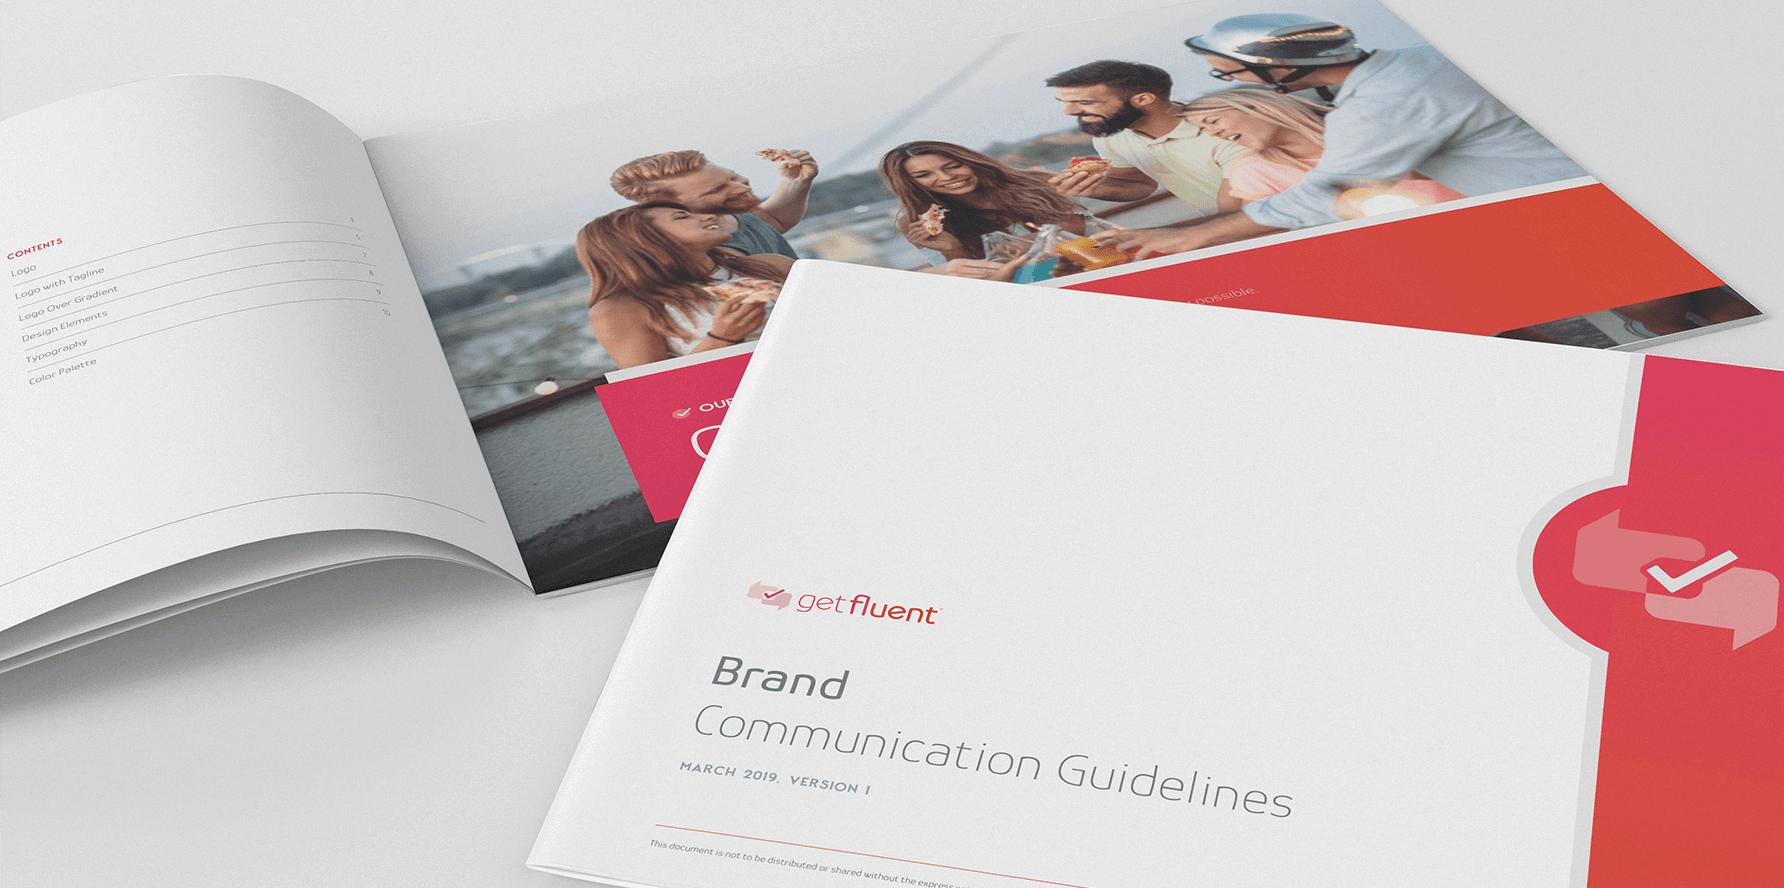 GetFluent Brand Guide 1